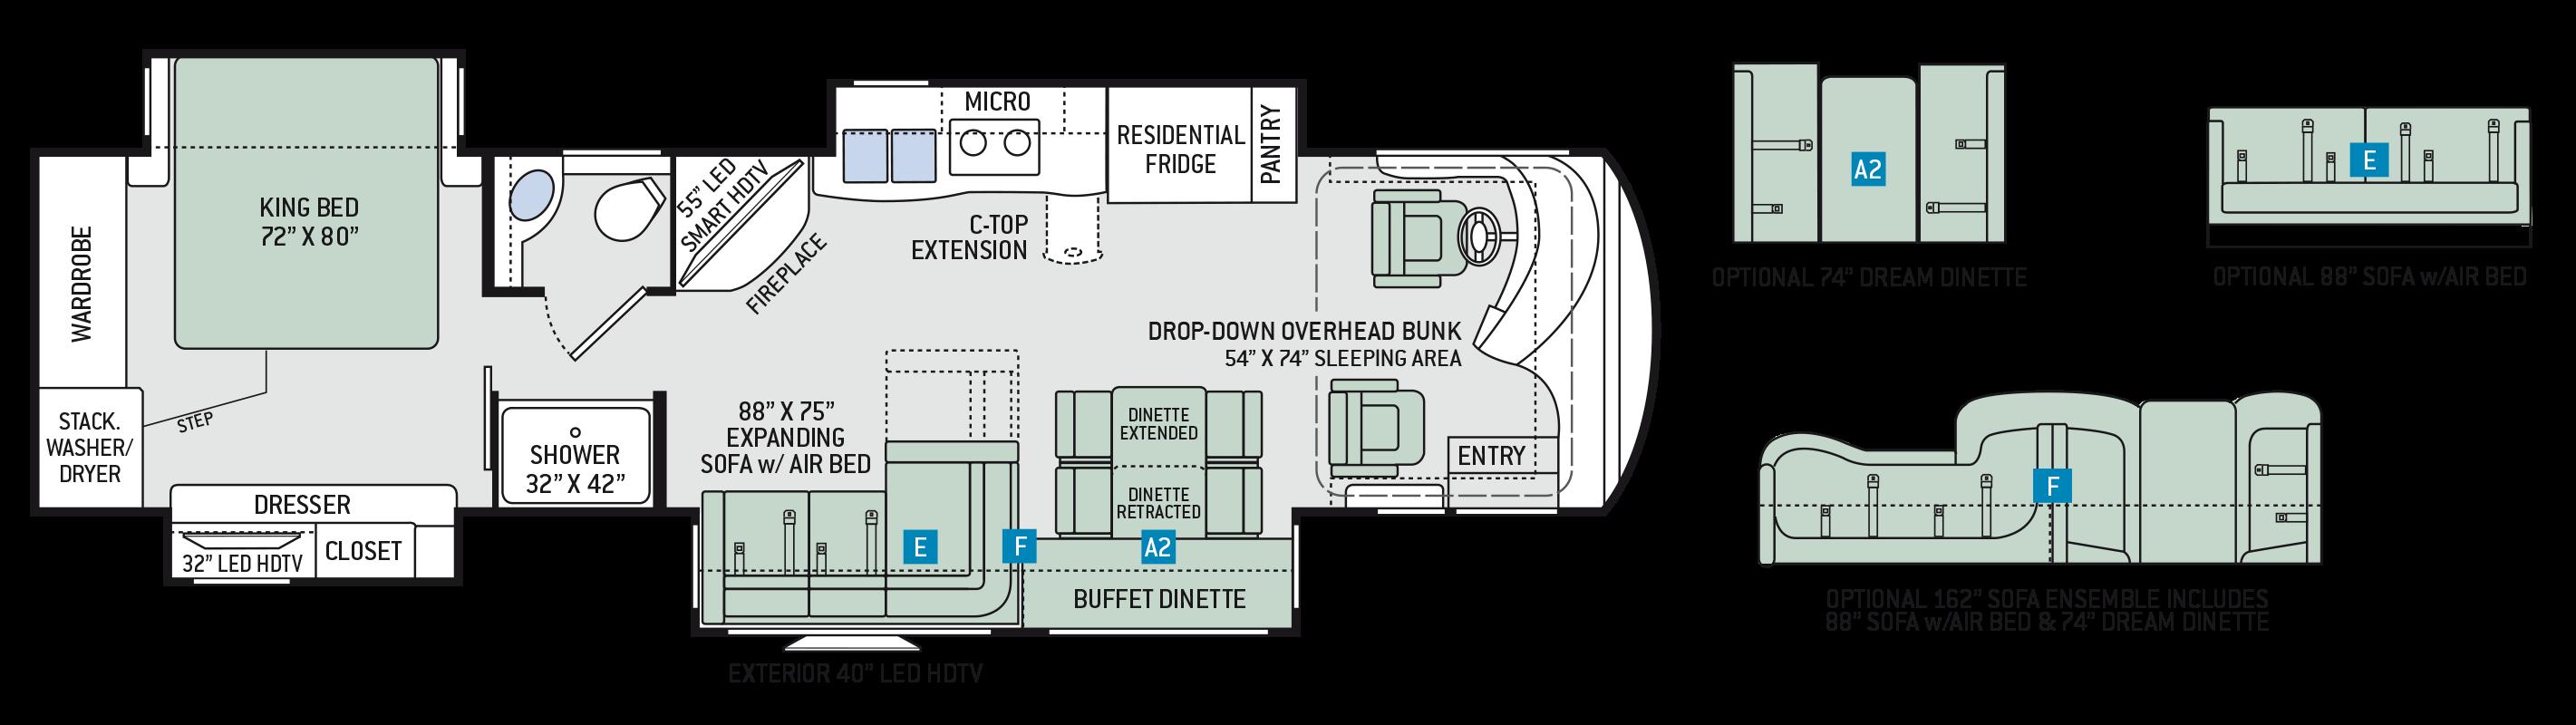 Floor plans venetian g36 for Venetian floor plan